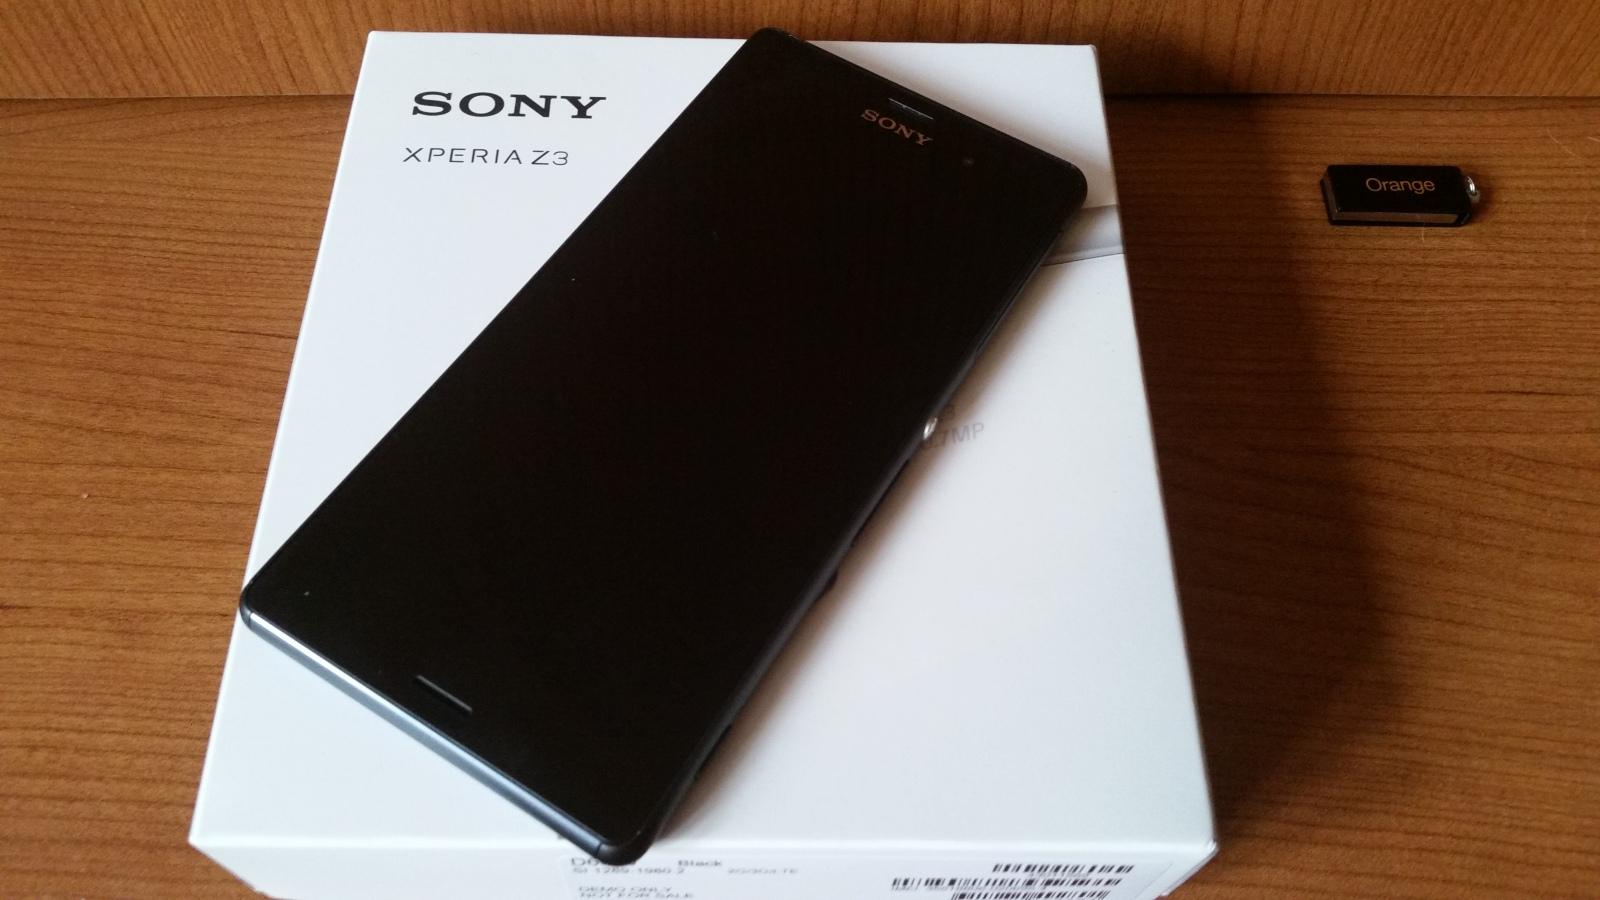 Sony Xperia sobre la caja